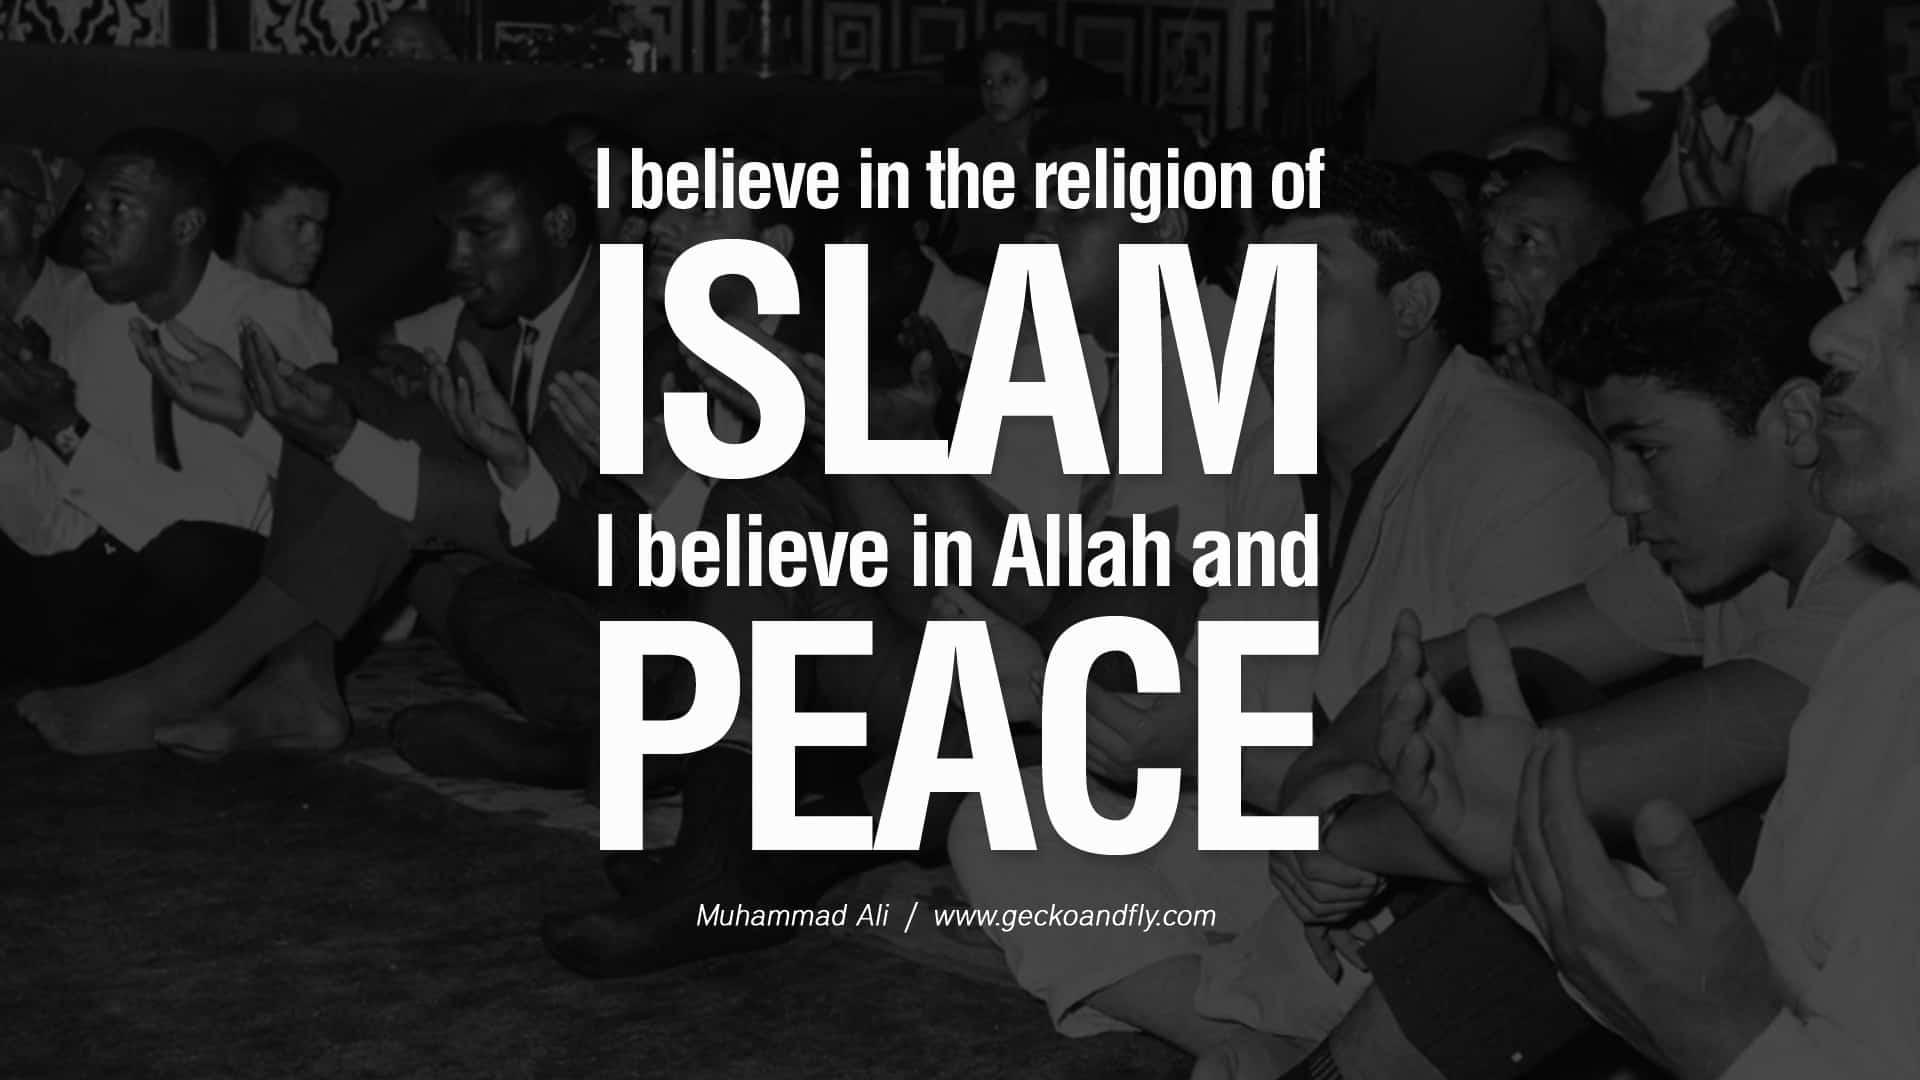 muhammad ali quotes 19